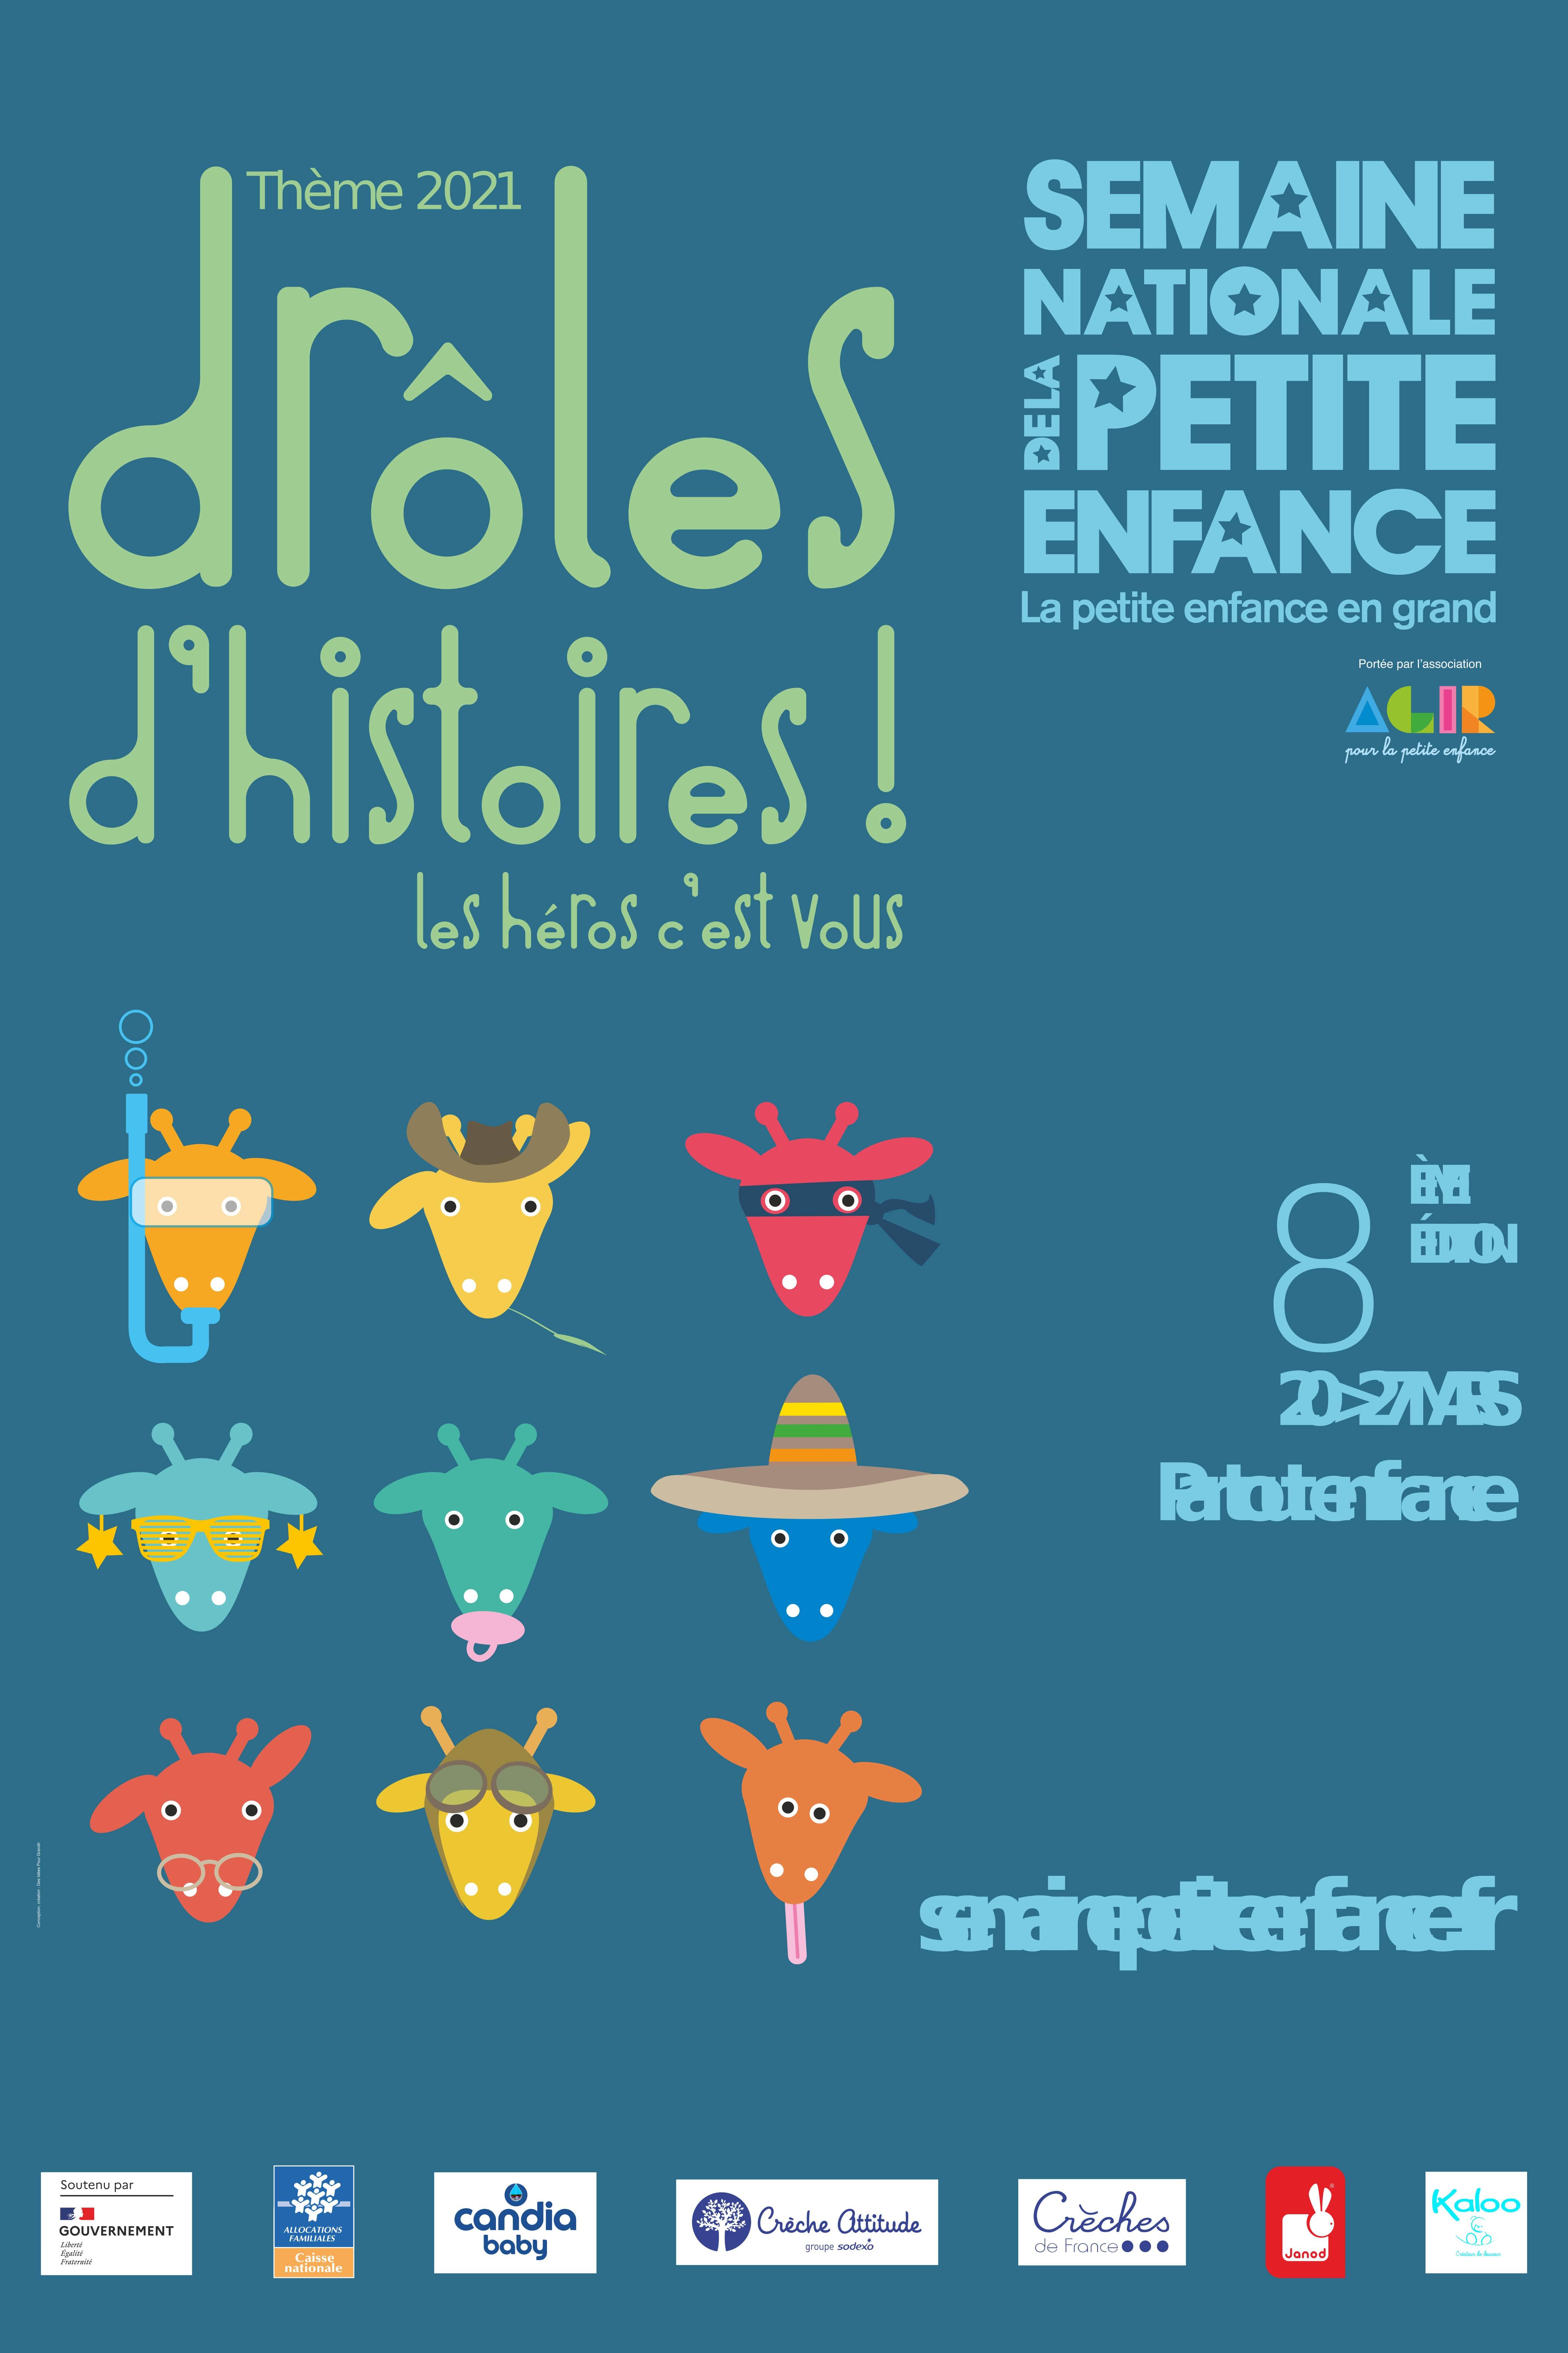 Affiche semaine nationale de la petite enfance 2021